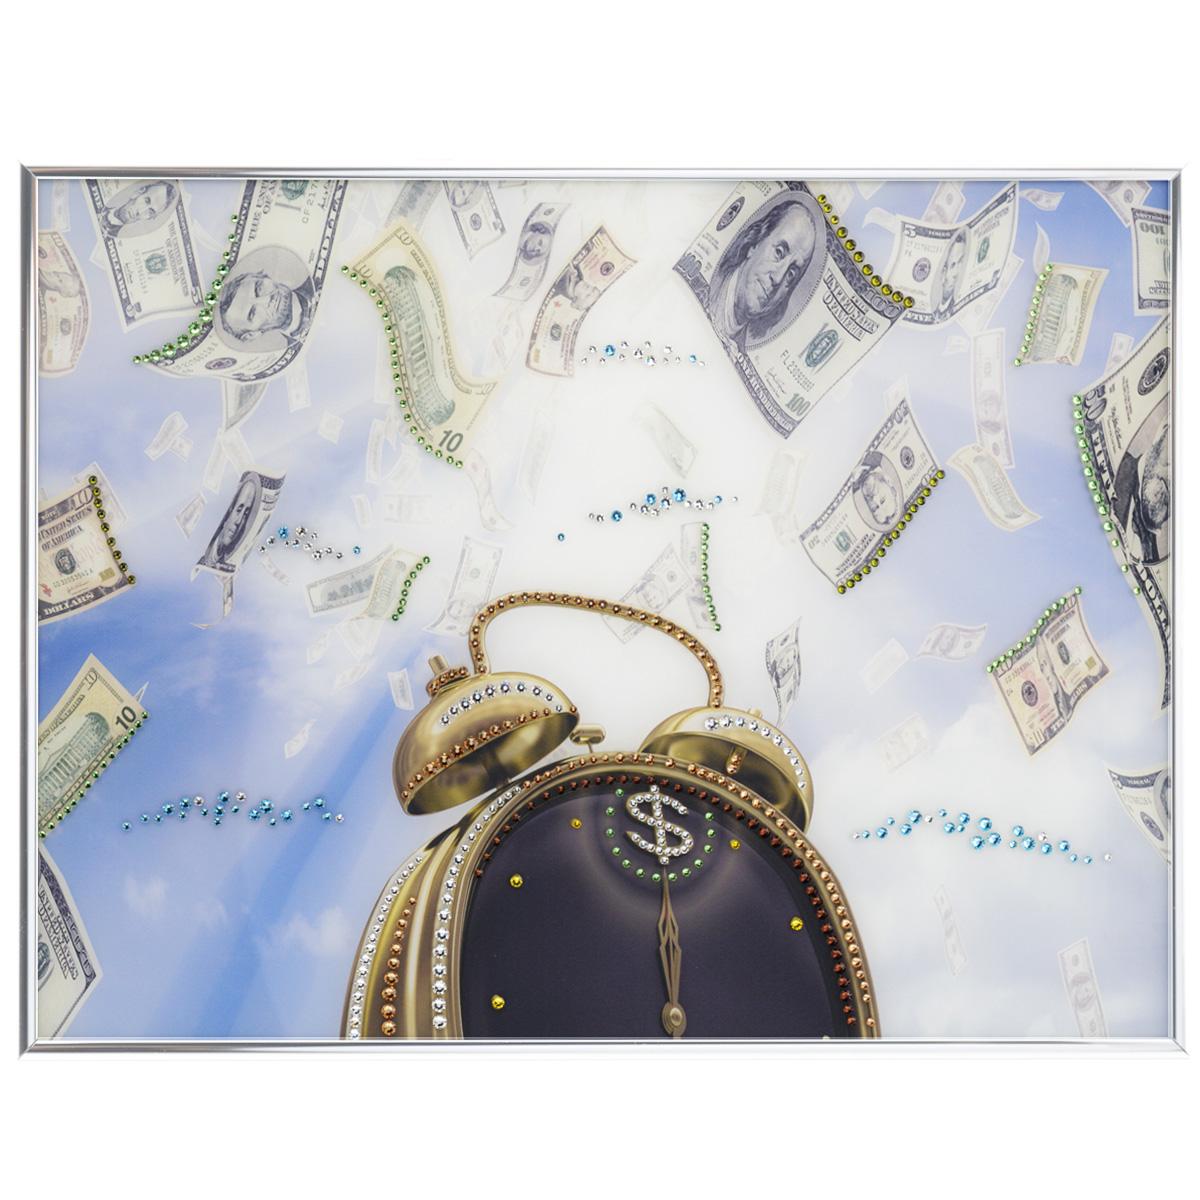 Картина с кристаллами Swarovski Время деньги, 40 х 30 смIDEA FL2-06Изящная картина в металлической раме, инкрустирована кристаллами Swarovski, которые отличаются четкой и ровной огранкой, ярким блеском и чистотой цвета. Красочное изображение будильника и денег, расположенное под стеклом, прекрасно дополняет блеск кристаллов. С обратной стороны имеется металлическая петелька для размещения картины на стене. Картина с кристаллами Swarovski Время деньги элегантно украсит интерьер дома или офиса, а также станет прекрасным подарком, который обязательно понравится получателю. Блеск кристаллов в интерьере, что может быть сказочнее и удивительнее. Картина упакована в подарочную картонную коробку синего цвета и комплектуется сертификатом соответствия Swarovski.